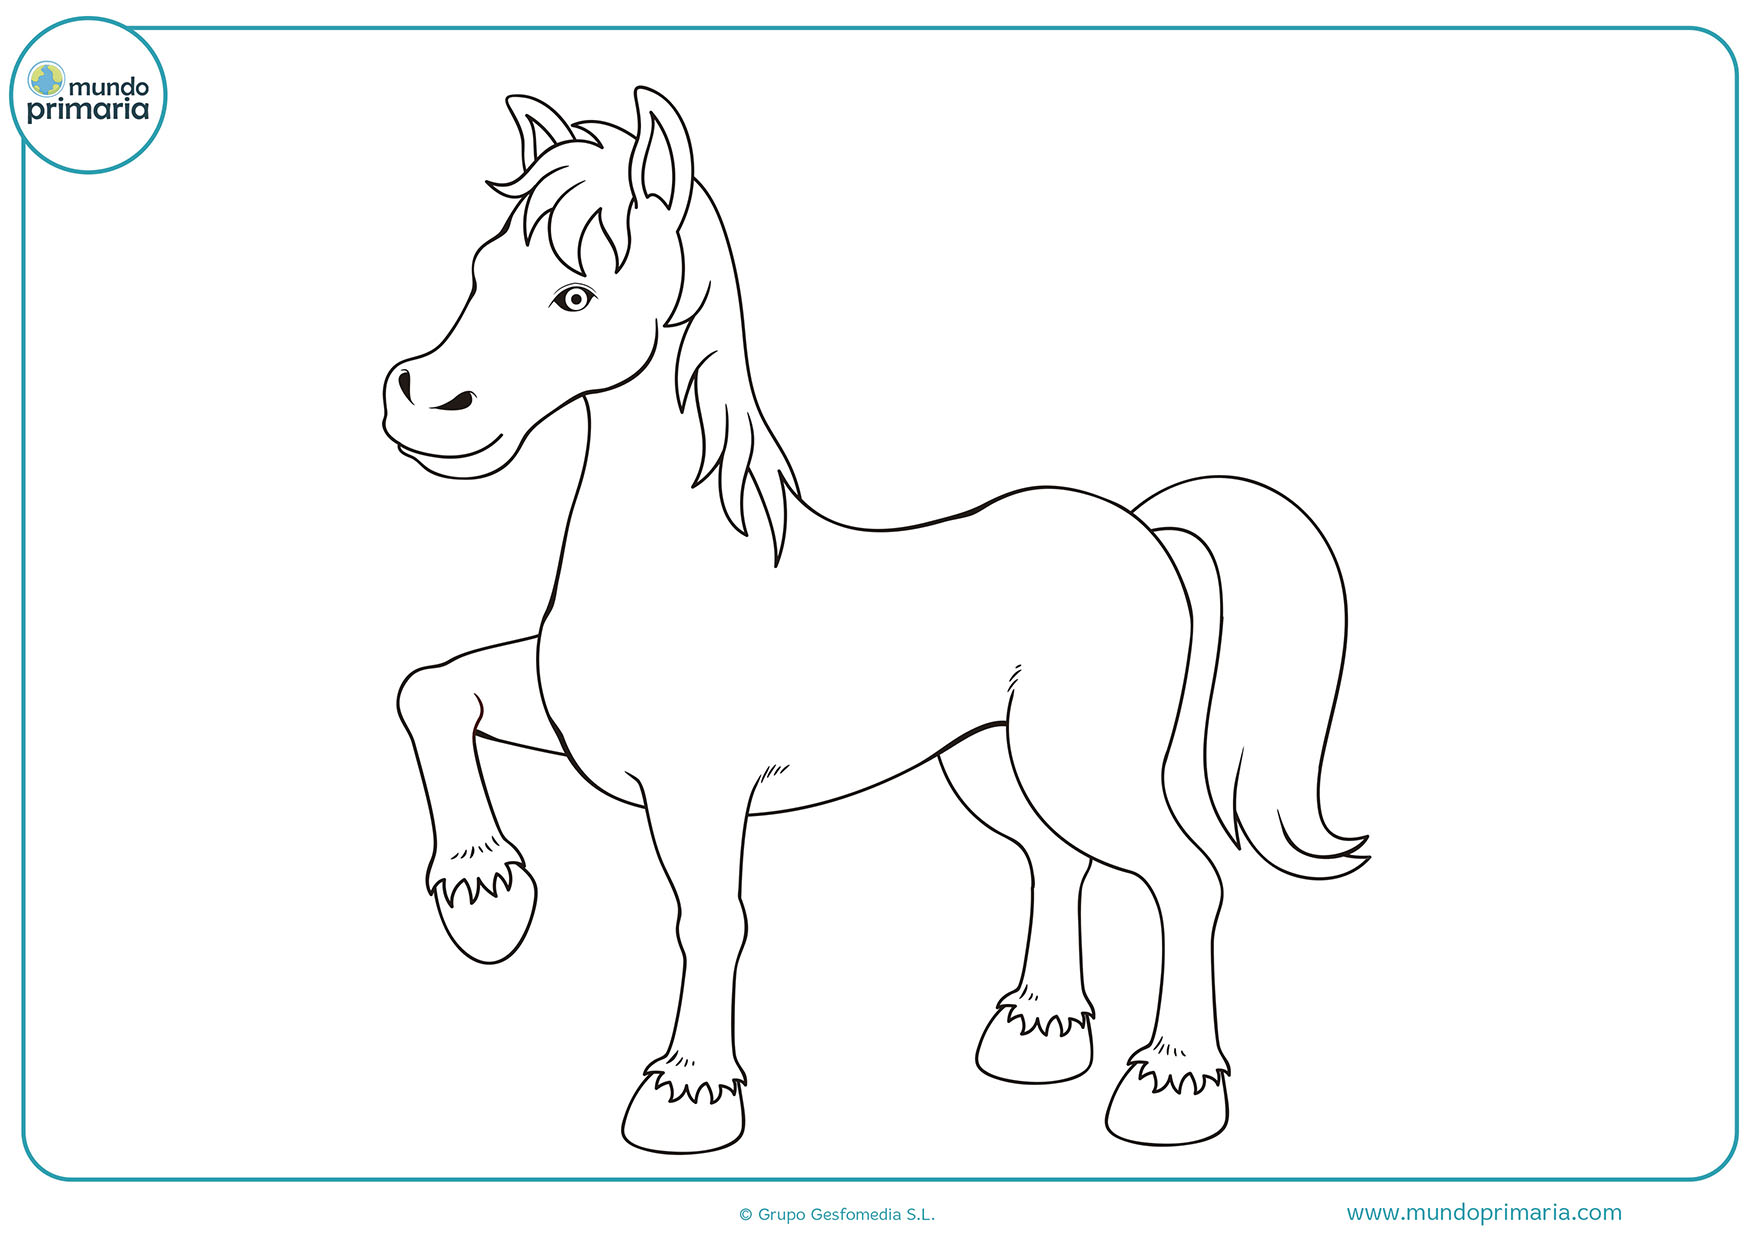 Dibujos De Gorjuss Santoro Para Colorear E Imprimir Gratis: Nias Dibujos Gratis Para Imprimir De Caballos Dibujar Y